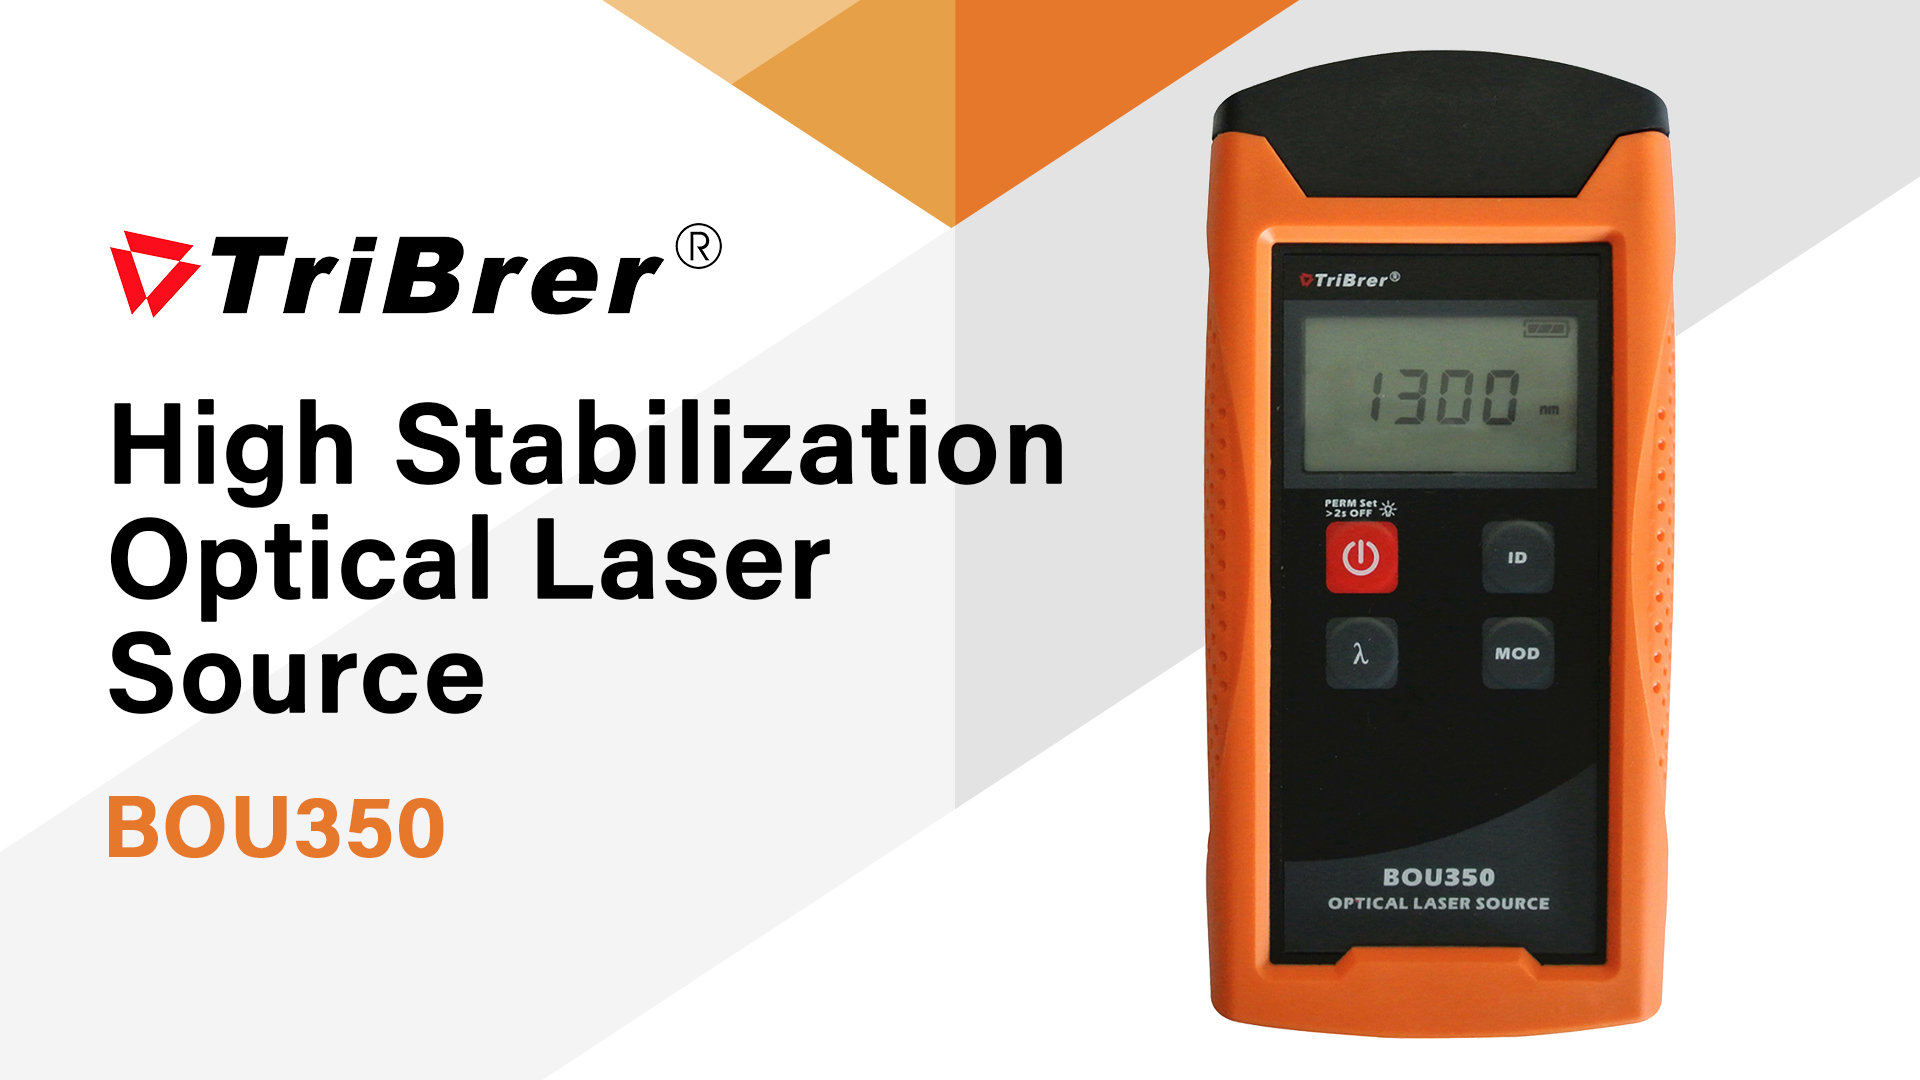 TriBrer BOU350 Optical Laser Source